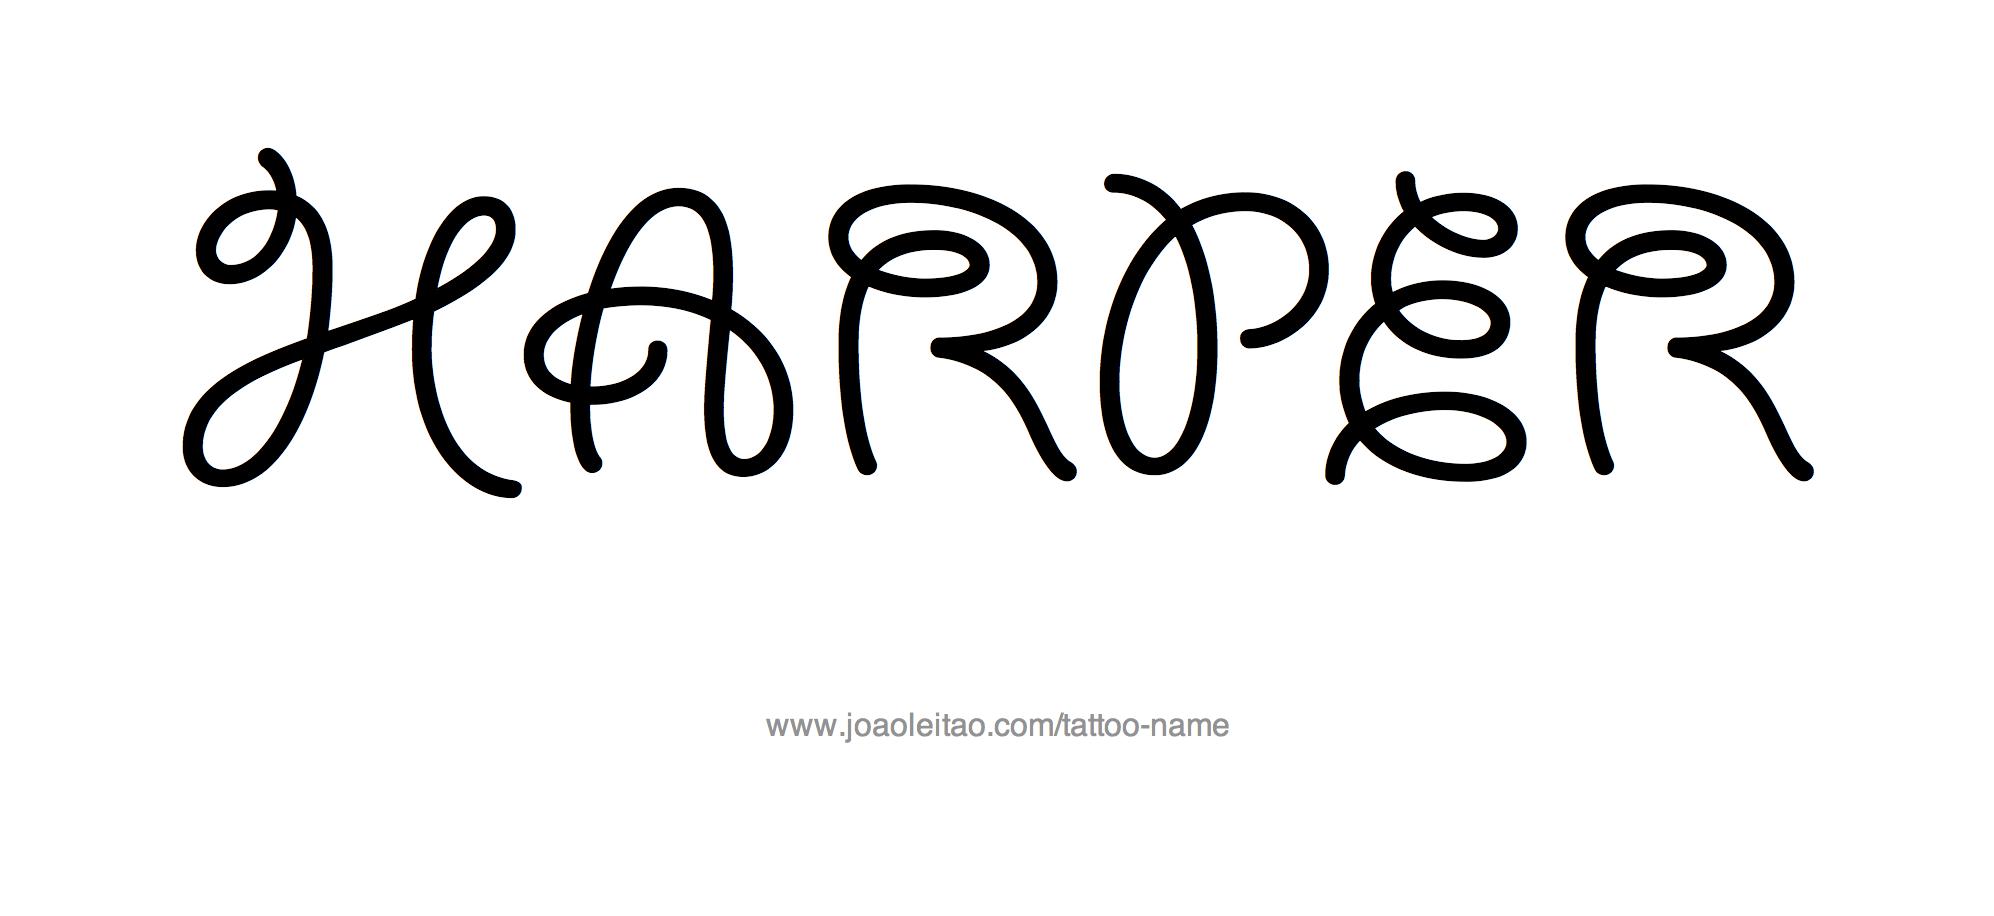 harper name tattoo designs. Black Bedroom Furniture Sets. Home Design Ideas